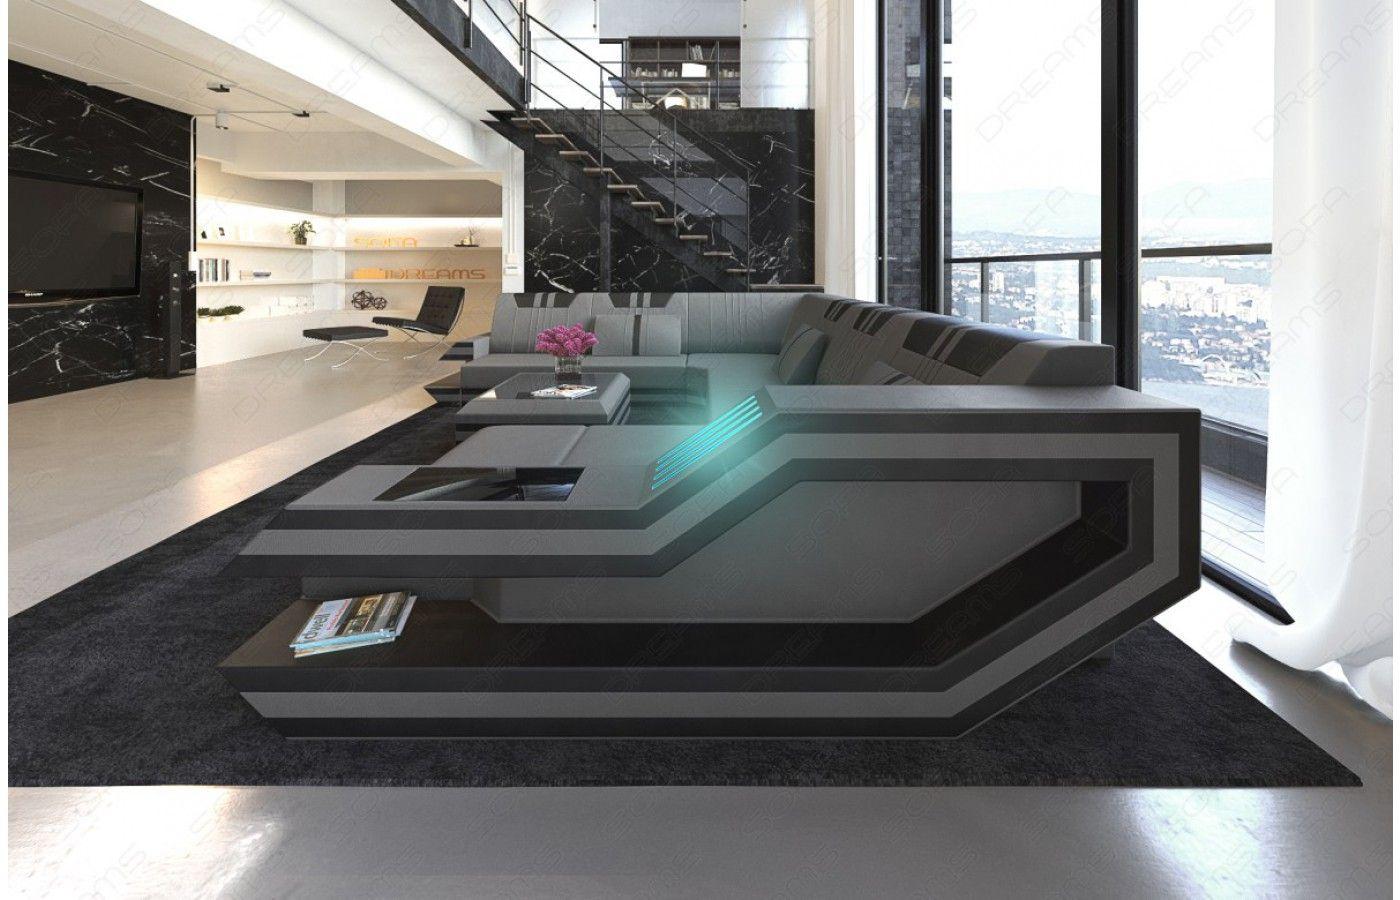 Luxury Moderne Leder Wohnlandschaft mit LED Beleuchtung und USB Anschluss In verschiedenen Farben